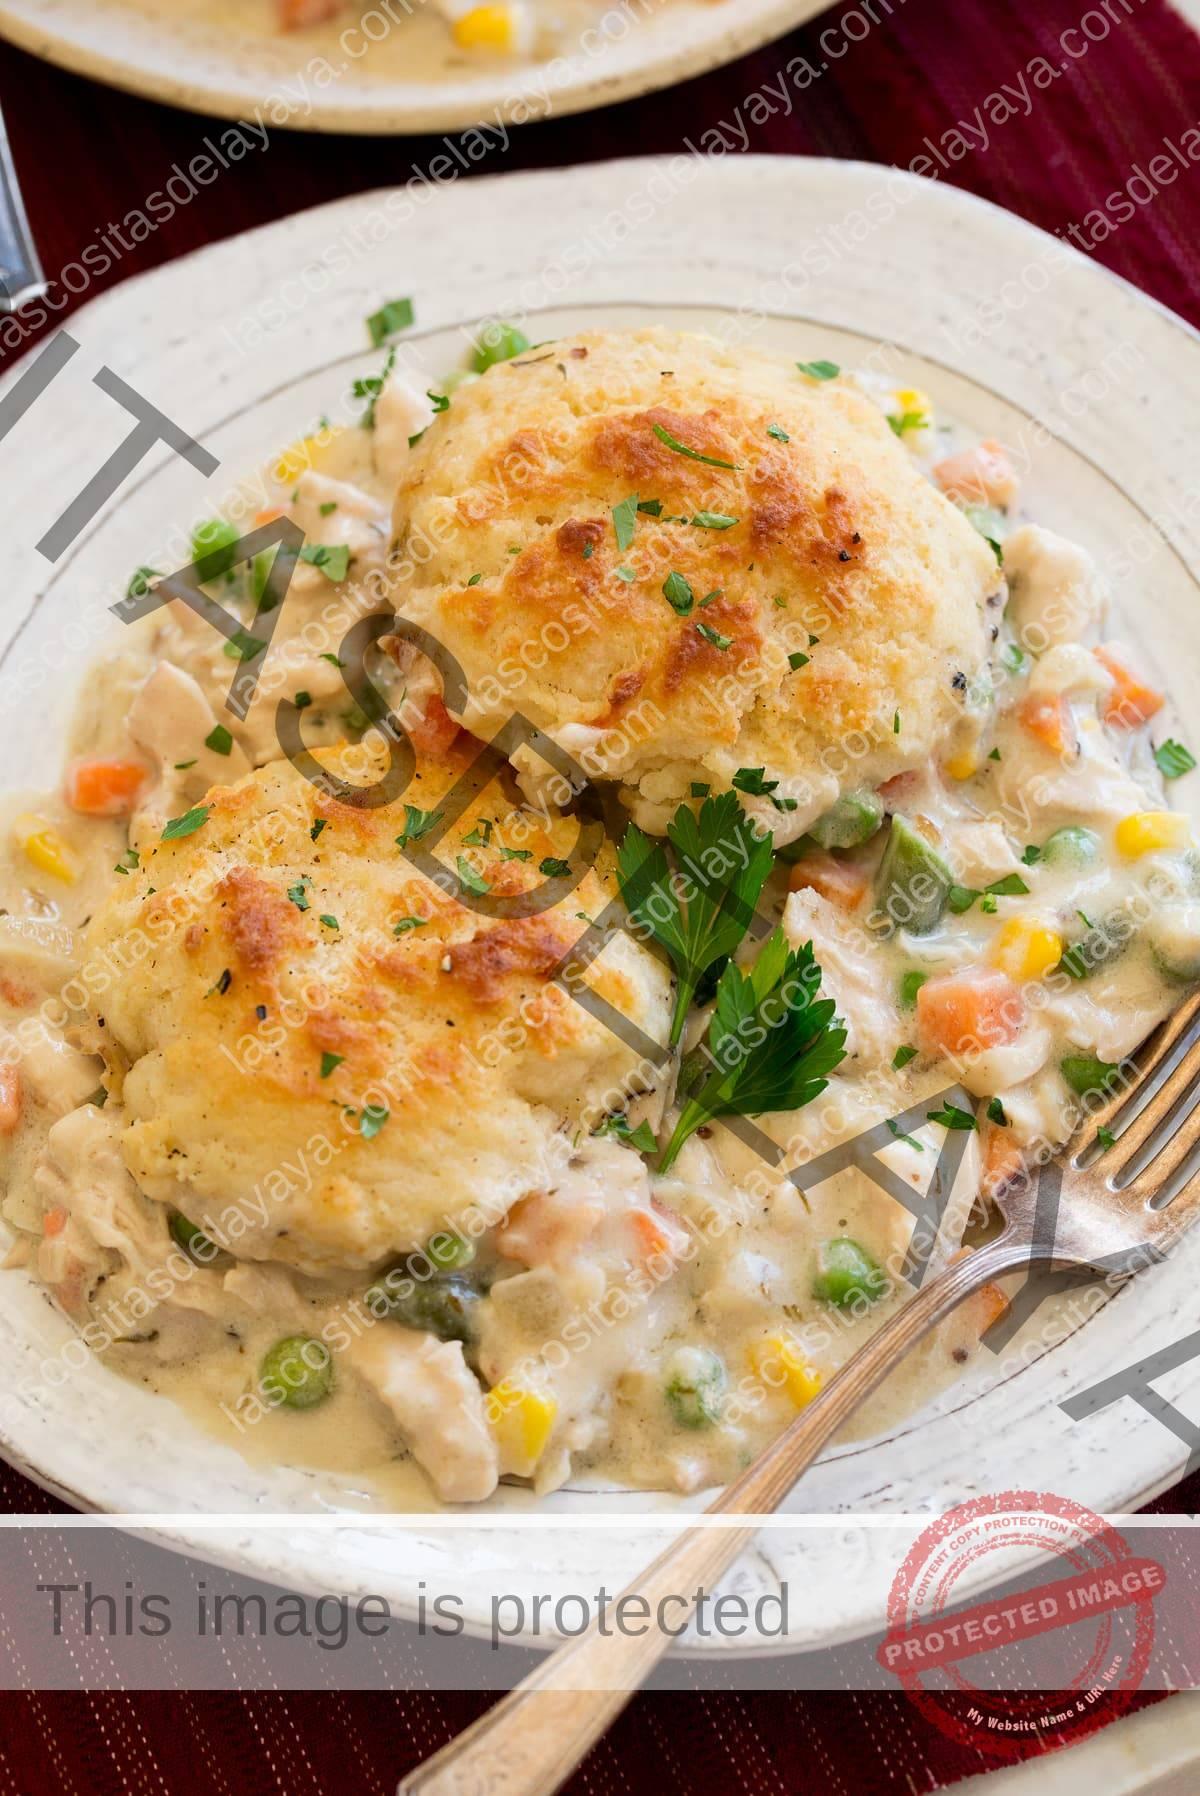 Porción de pastel de pollo y galletas en un plato blanco con un tenedor al lado.